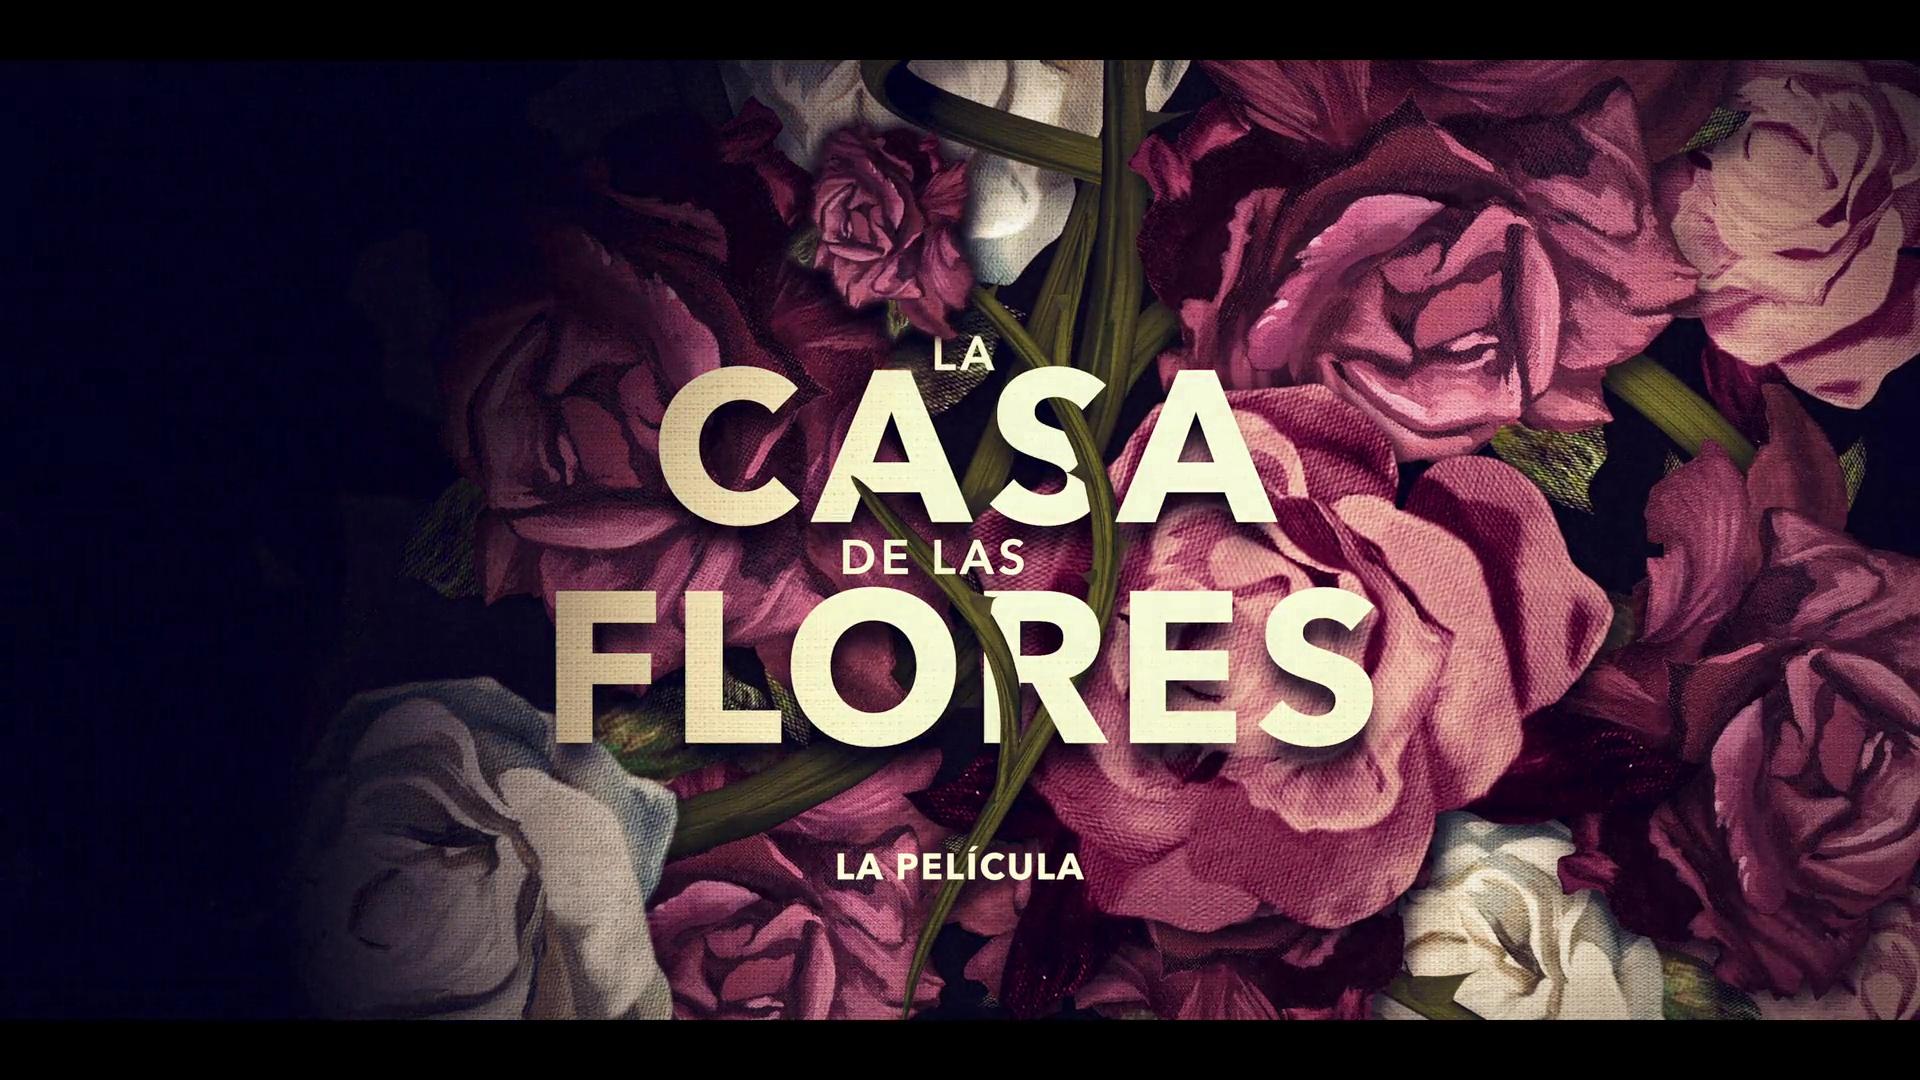 La casa de las flores: la película (2021) 1080p WEB-DL Latino